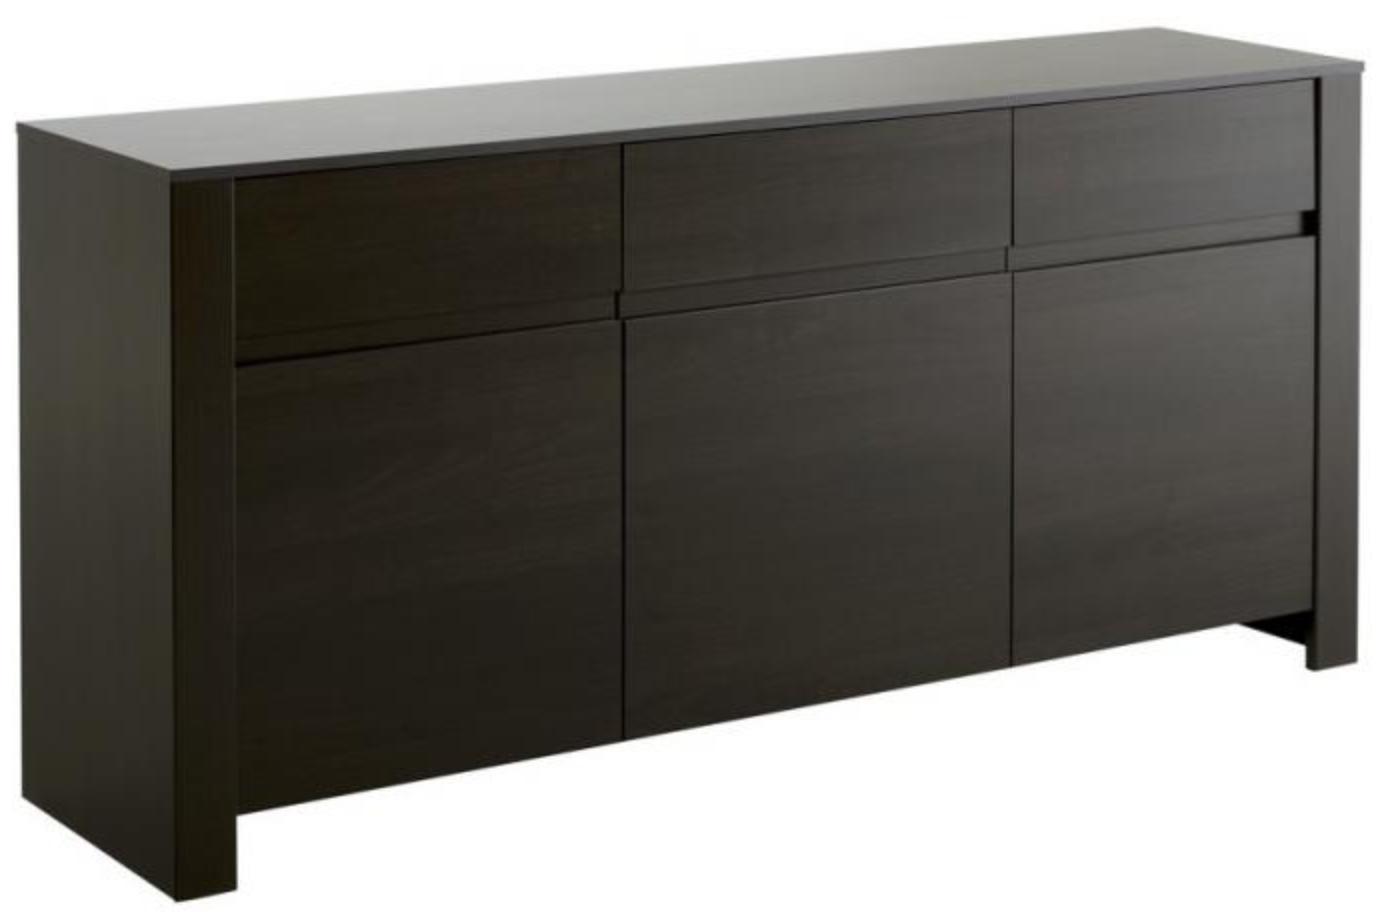 enfilade 3 portes weng wilson. Black Bedroom Furniture Sets. Home Design Ideas